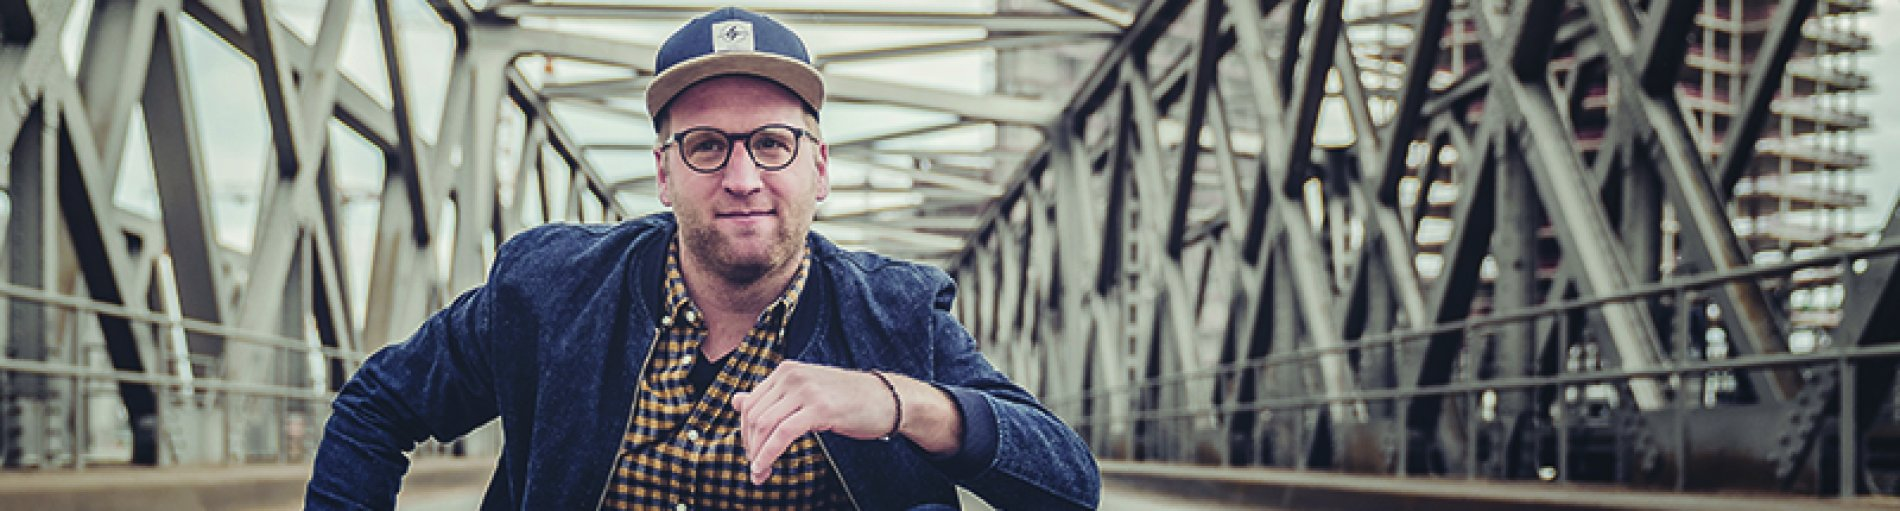 Das Foto zeigt den Comedian Benni Stark, wie er auf einer Fußgängerbrücke sitzt.